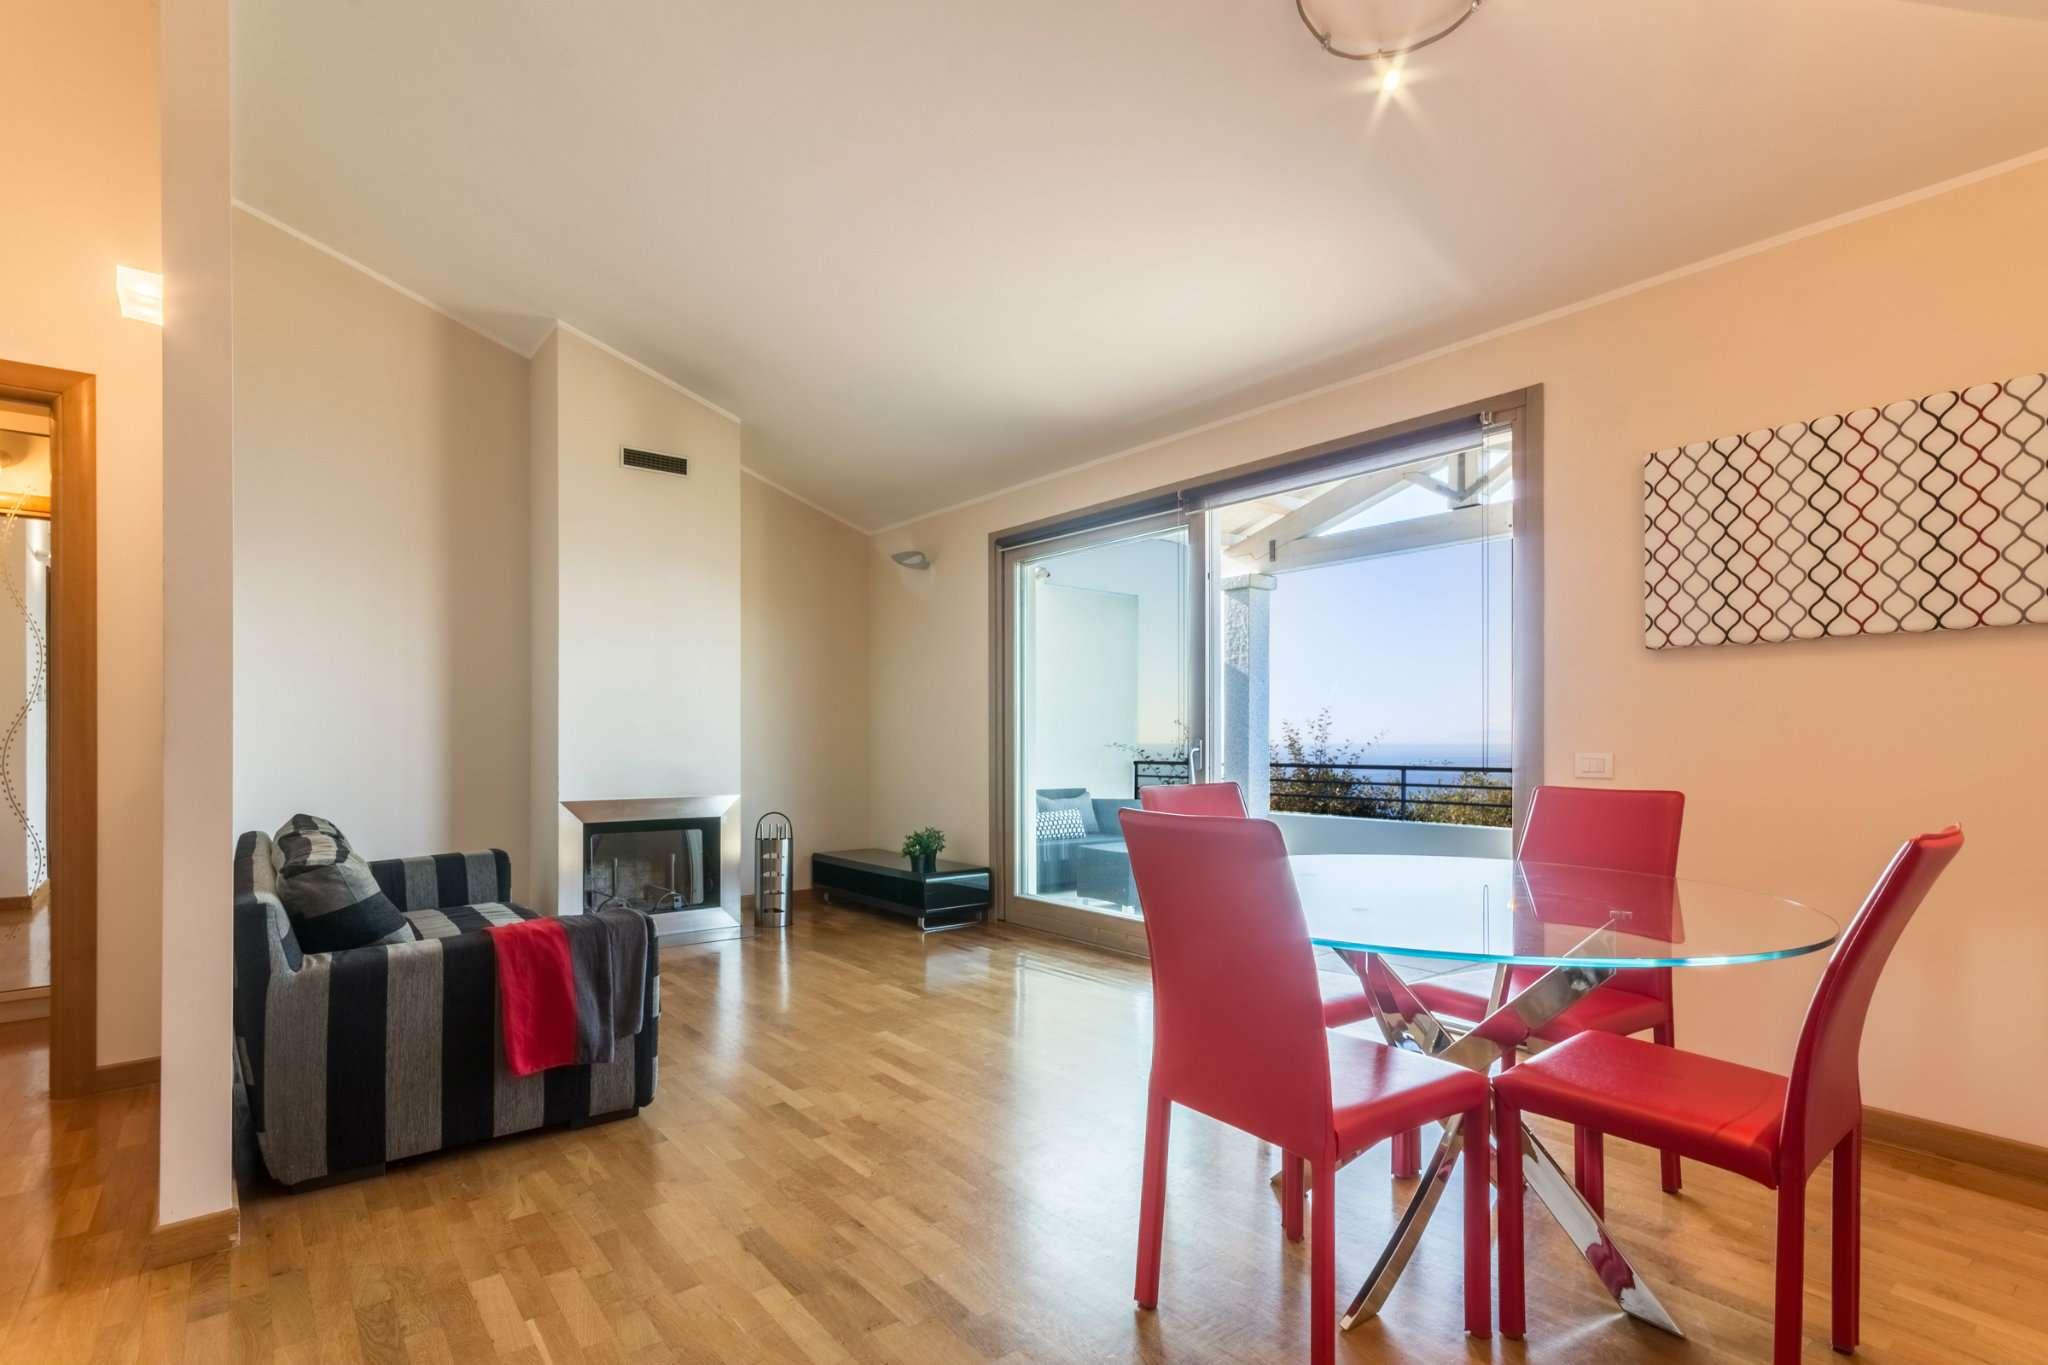 Villa in vendita a Quartu Sant'Elena, 7 locali, prezzo € 355.000 | Cambio Casa.it